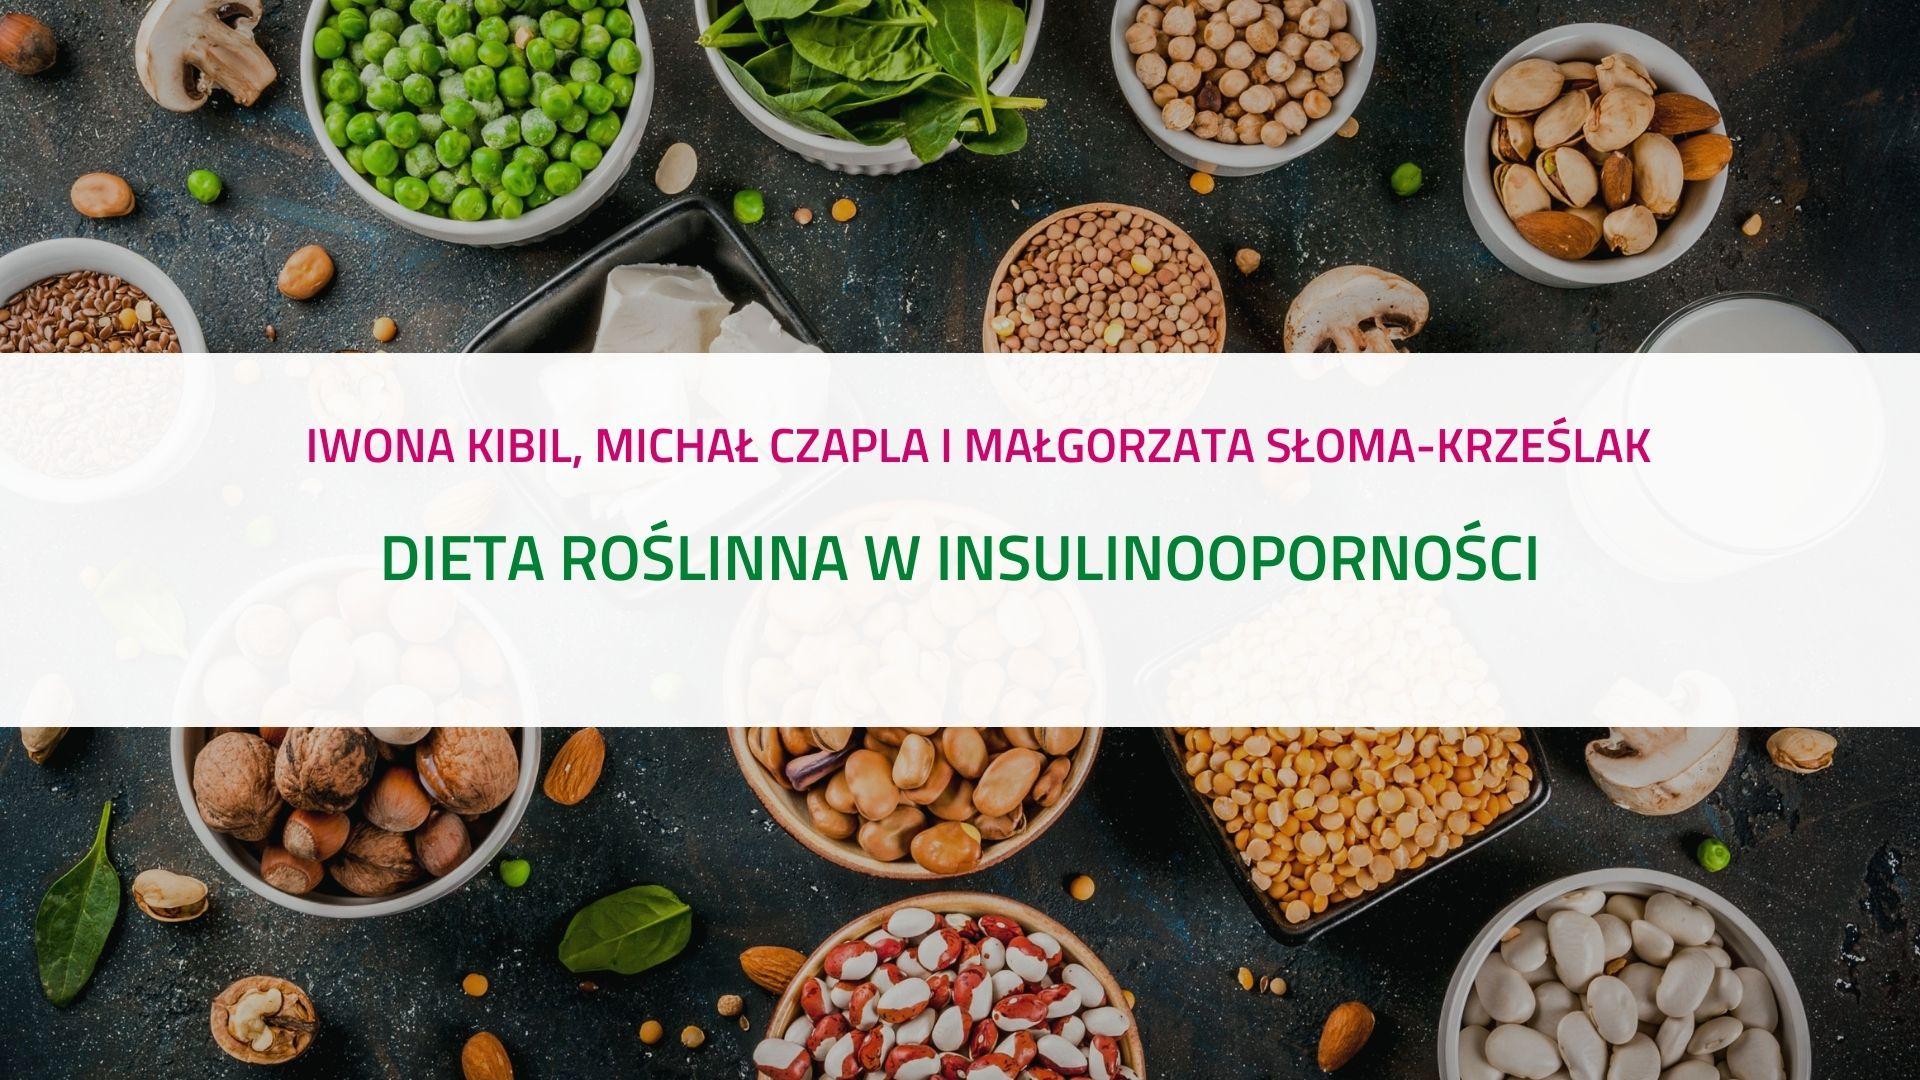 Dieta roślinna w insulinooporności